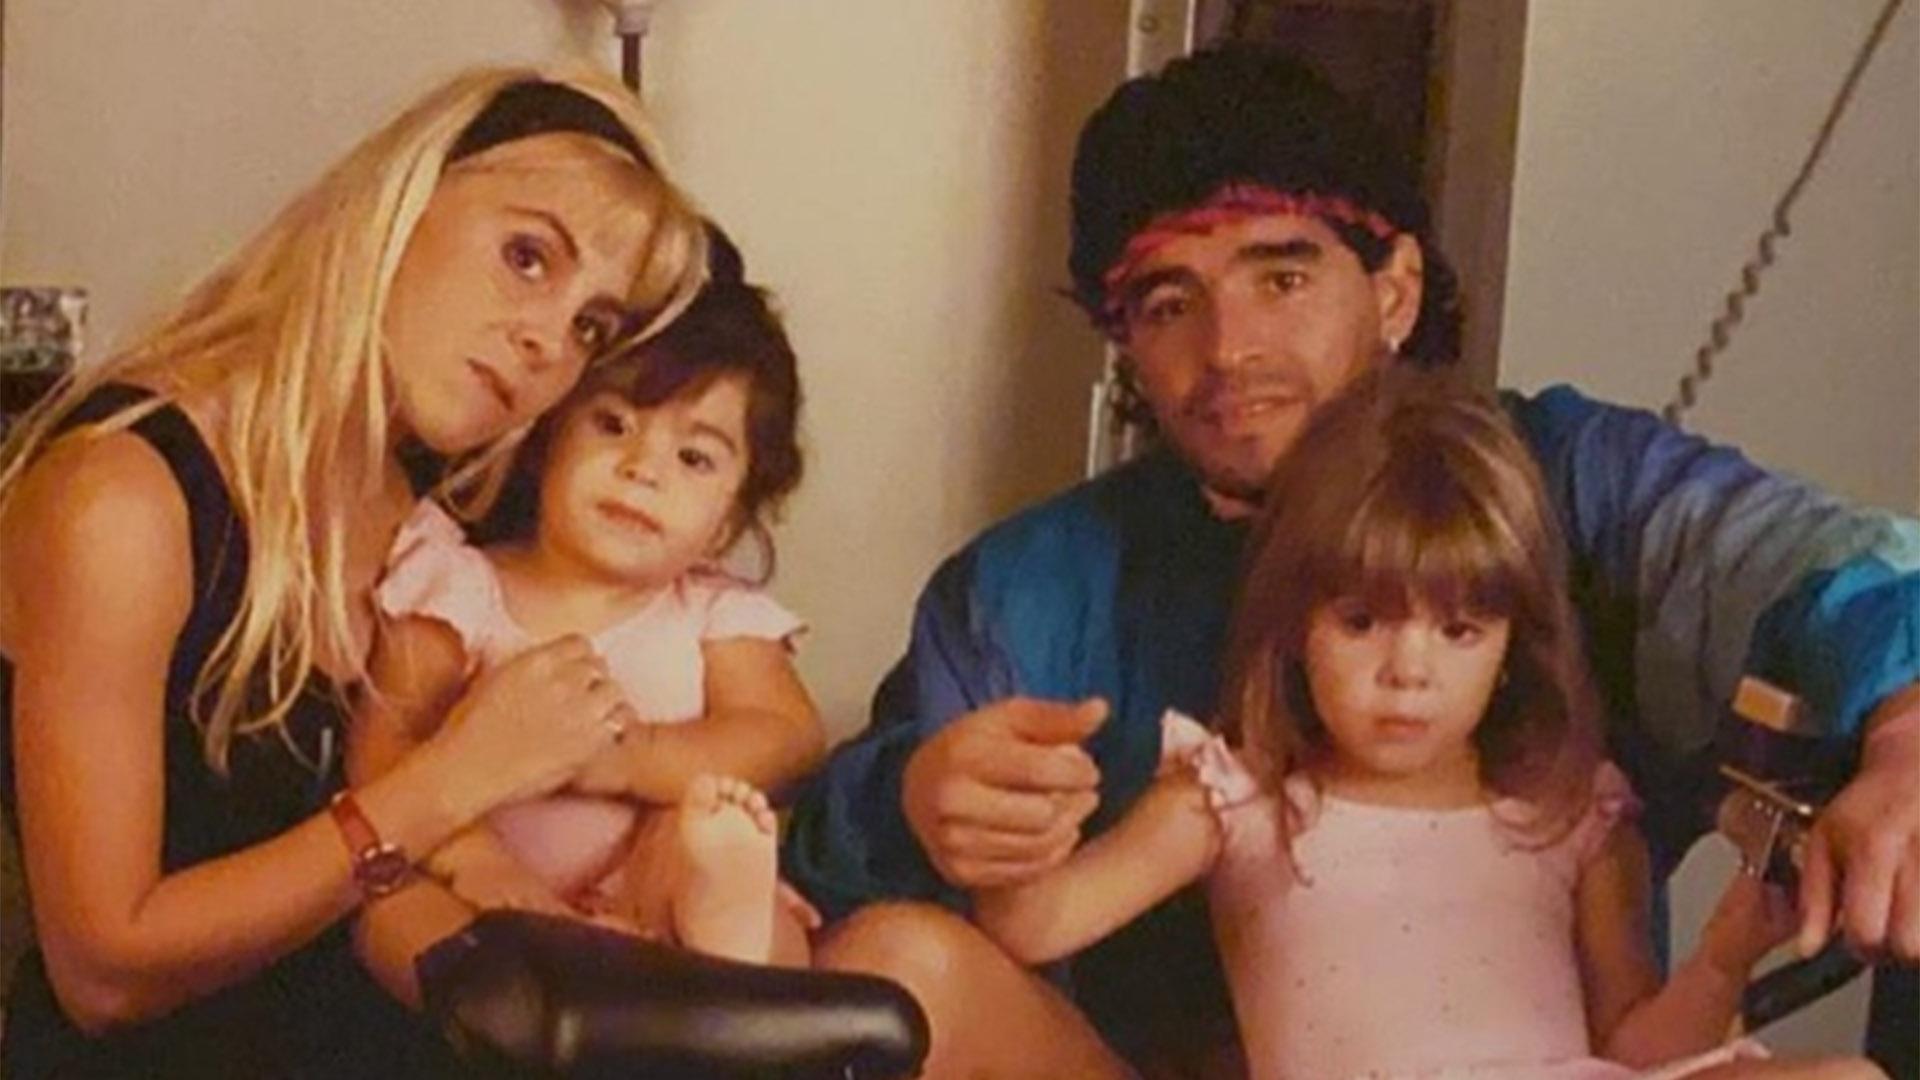 """Del """"sin ella me muero"""" a """"es una ladrona"""": la historia de amor, lágrimas y  guerra judicial de Claudia Villafañe y Diego Maradona - Infobae"""